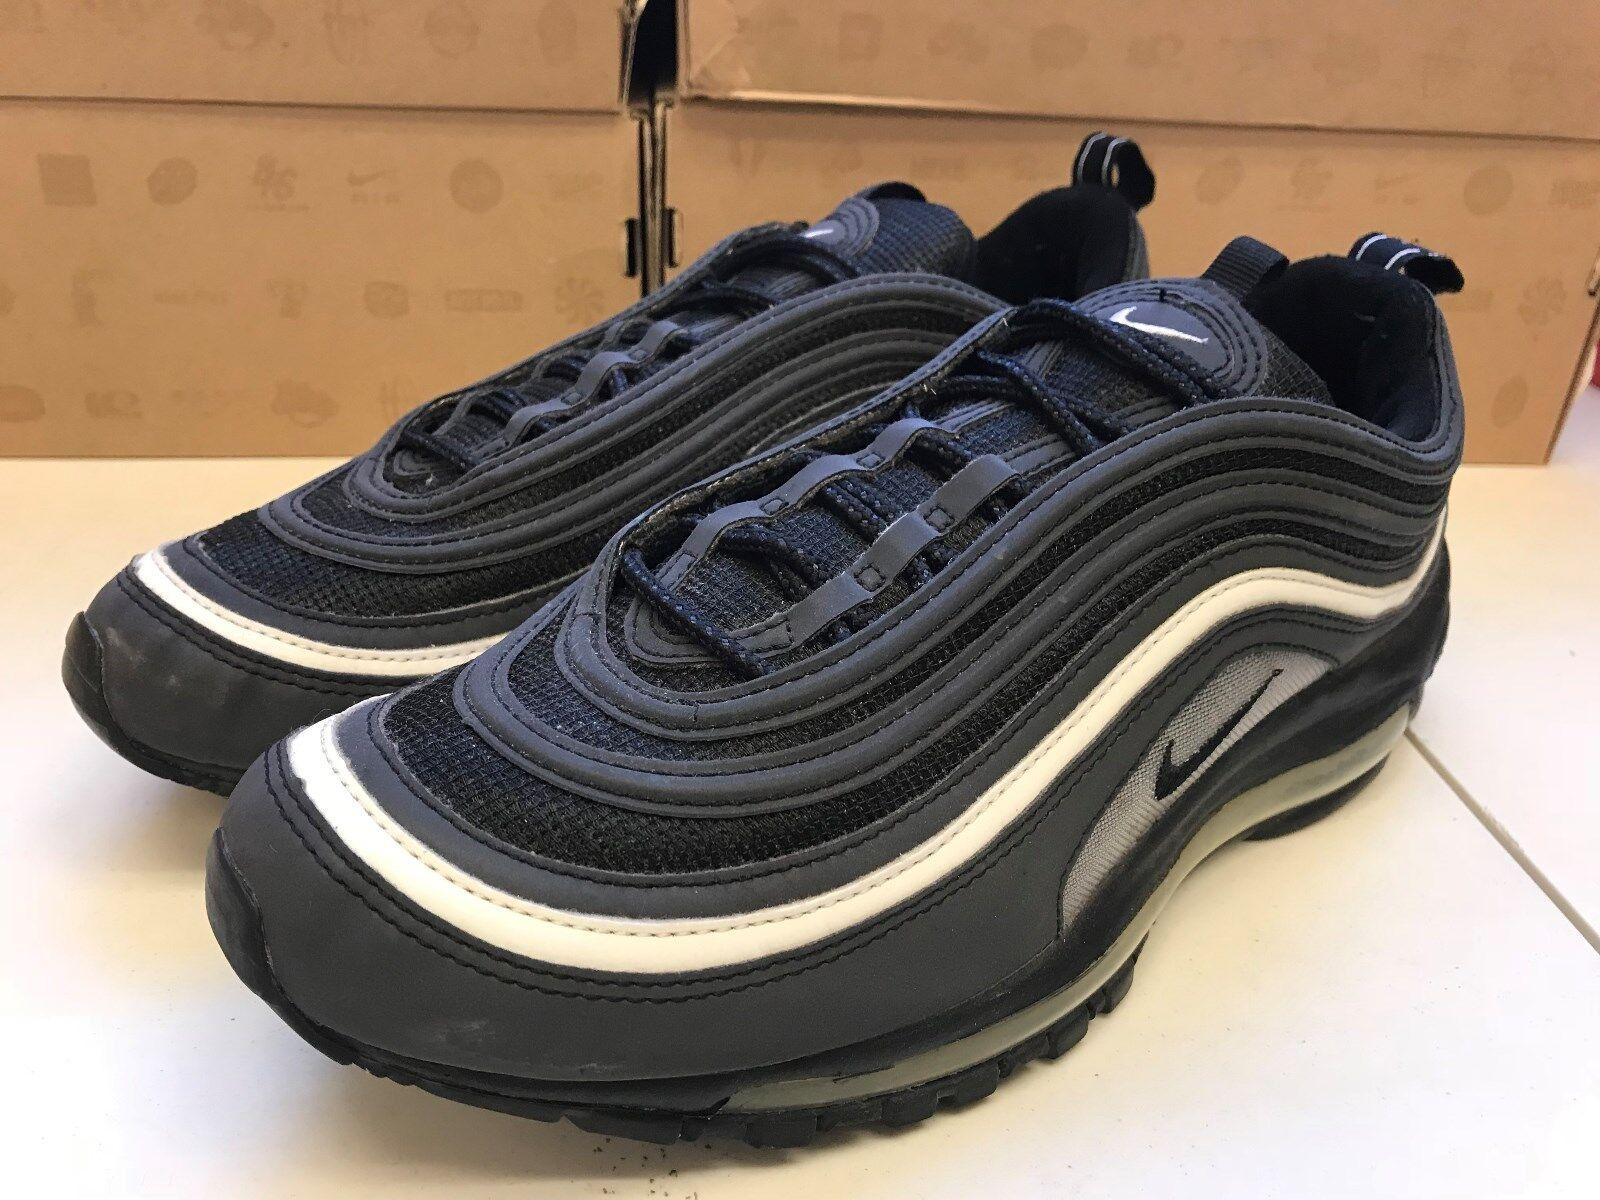 Mens 10 Nike Air Max 97 Black 312641-001